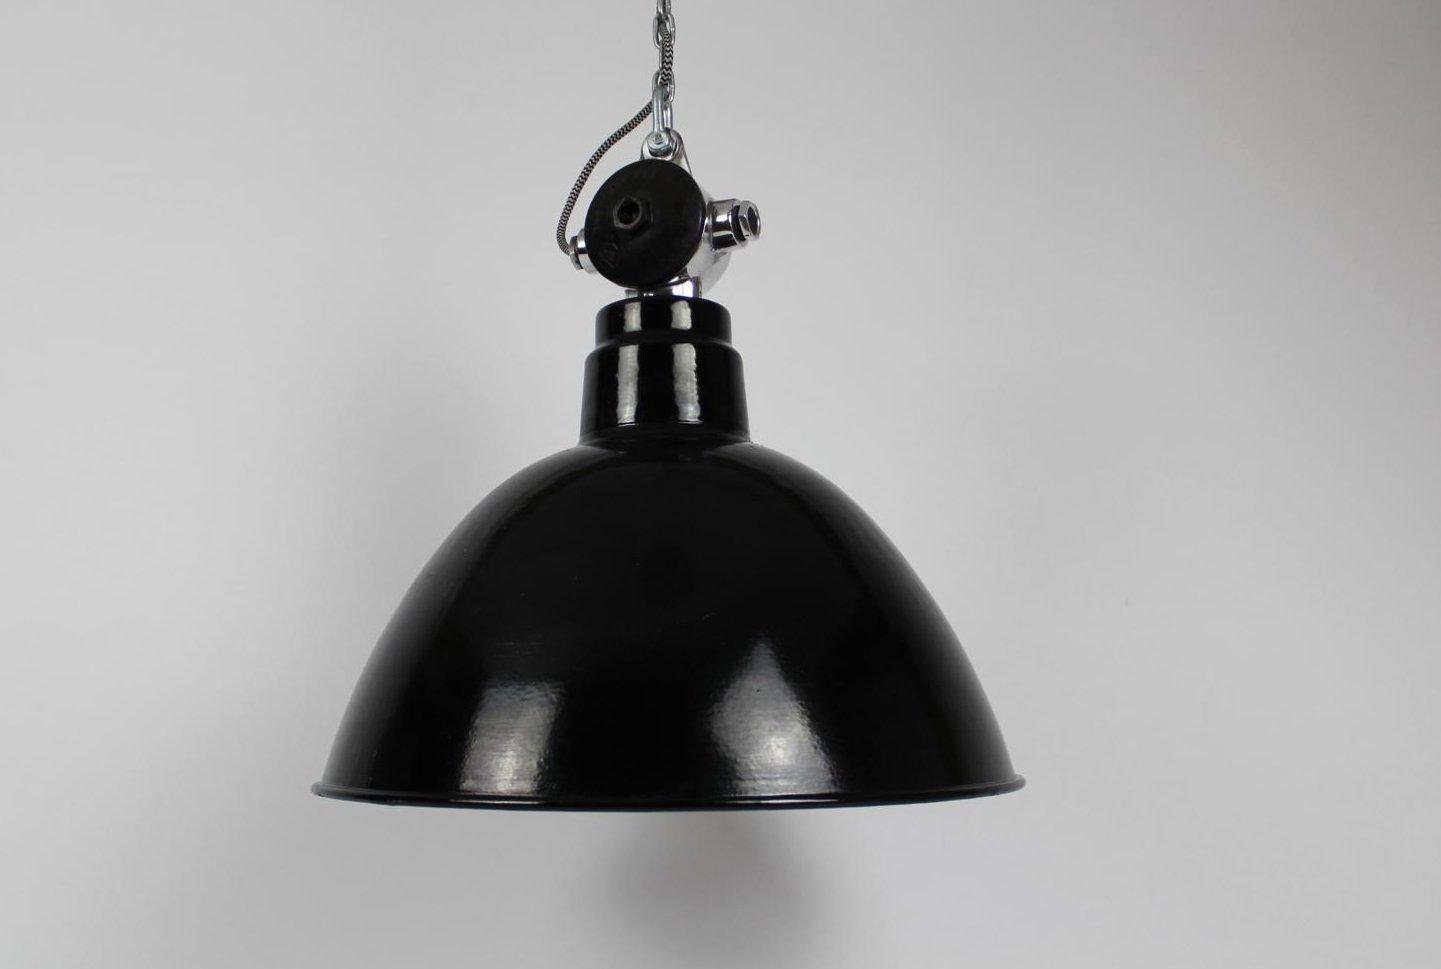 Industrielle Emaillierte Fabriklampe von VEB Leuchtenbau